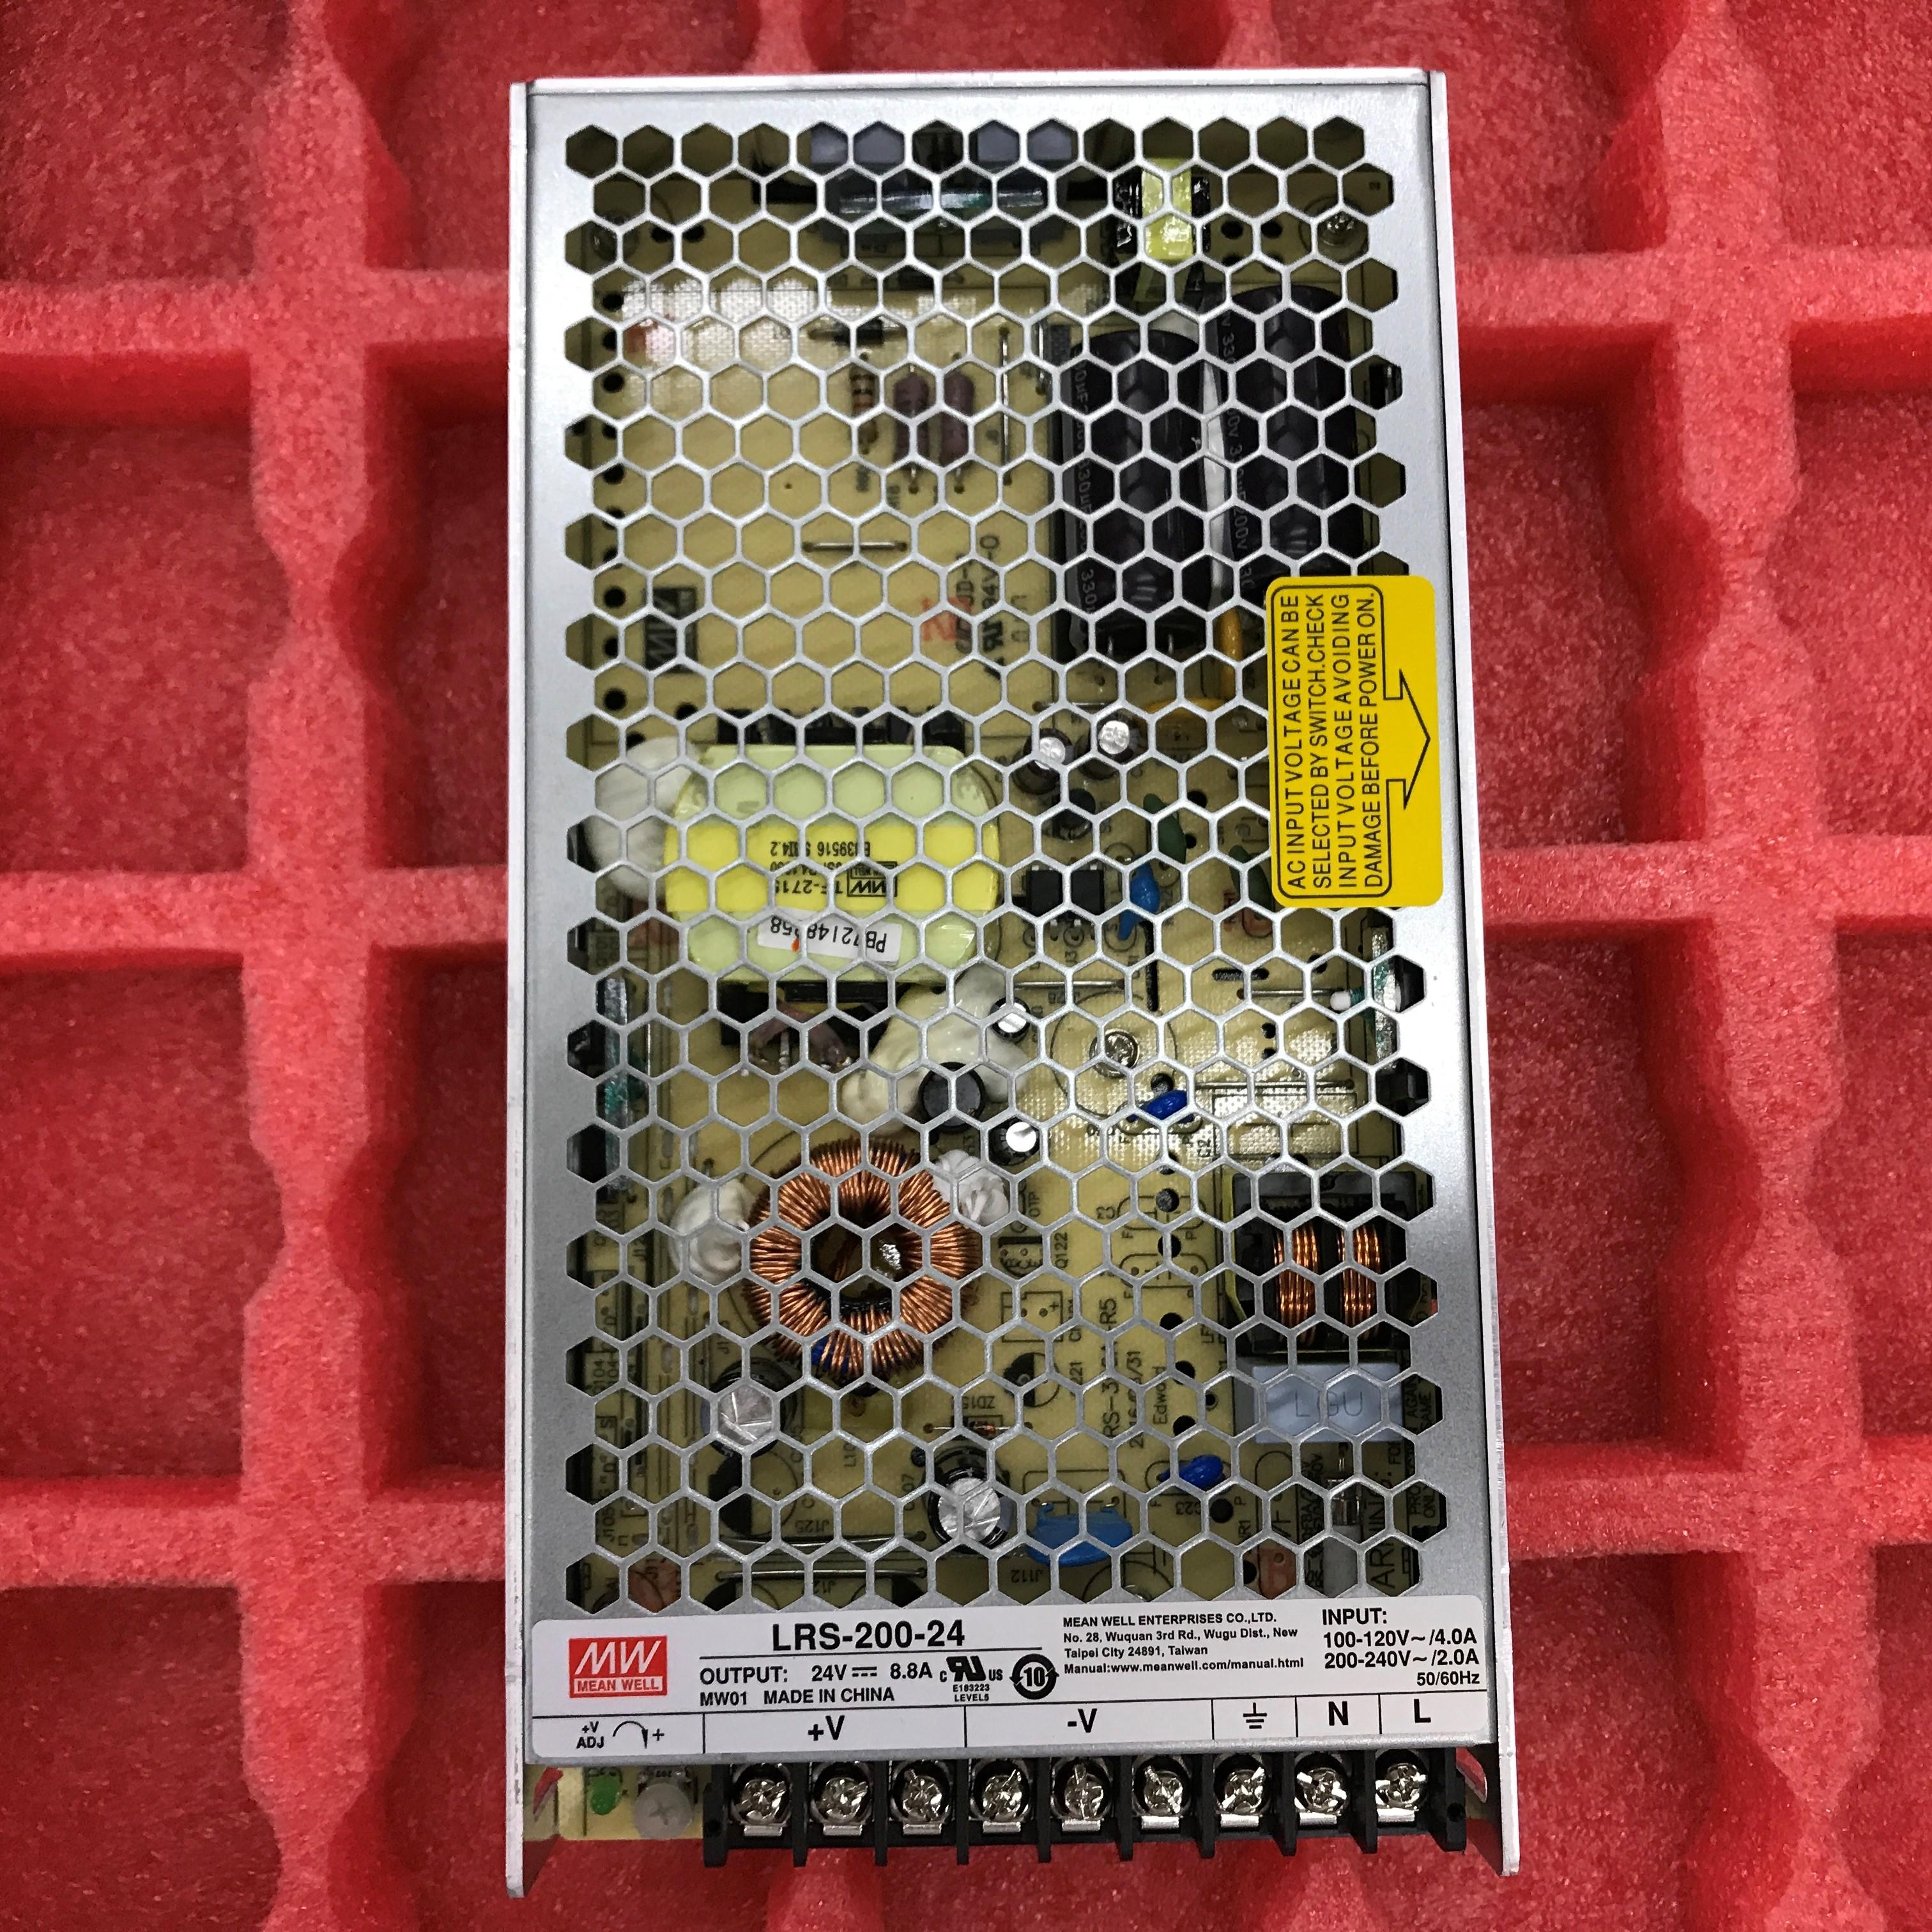 Ταϊβάν - διακόπτη τροφοδοσίας LRS-200-24210W24V8.8A σημείο